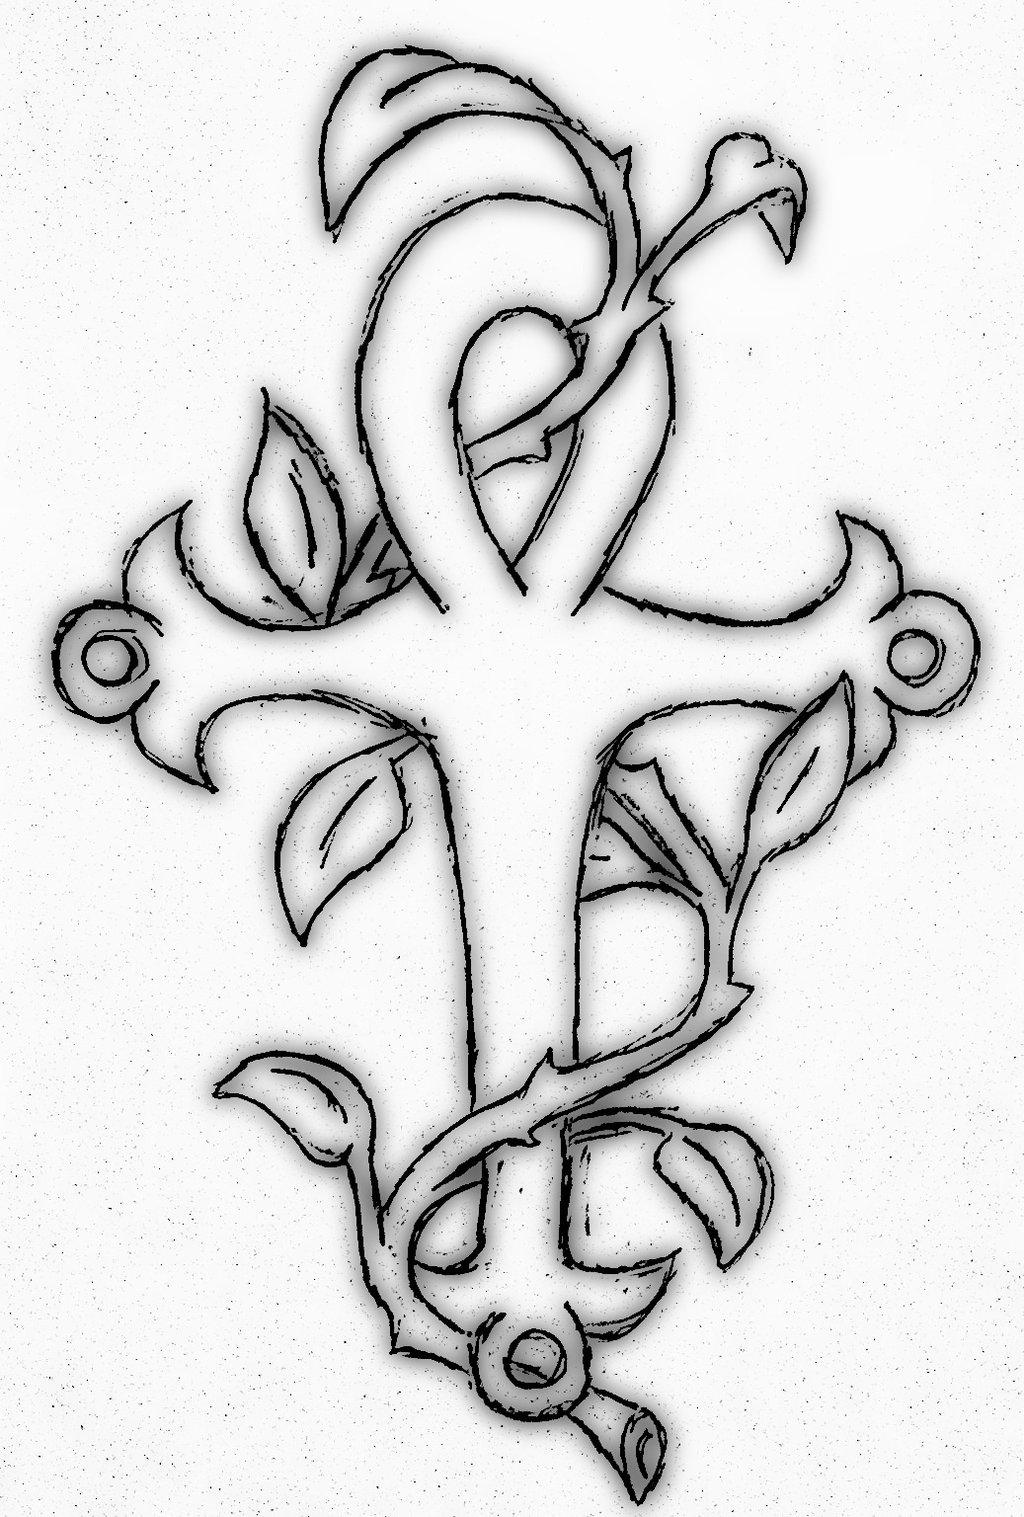 ankh tattoo images designs. Black Bedroom Furniture Sets. Home Design Ideas